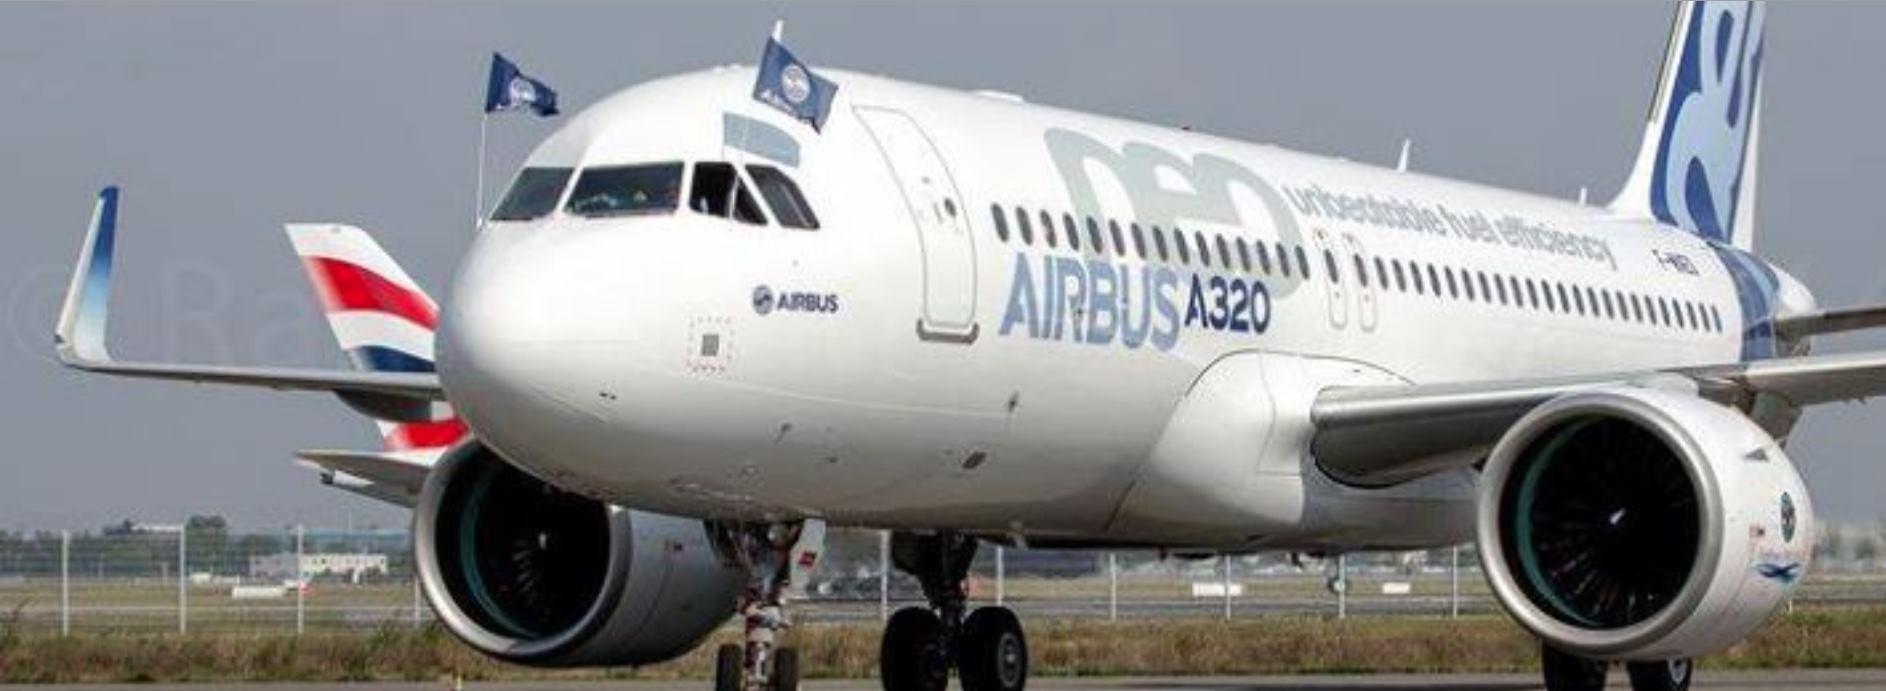 IZBJEGNUTA TRAGEDIJA Avion sa delegacijom FBiH prinudno sletio zbog požara